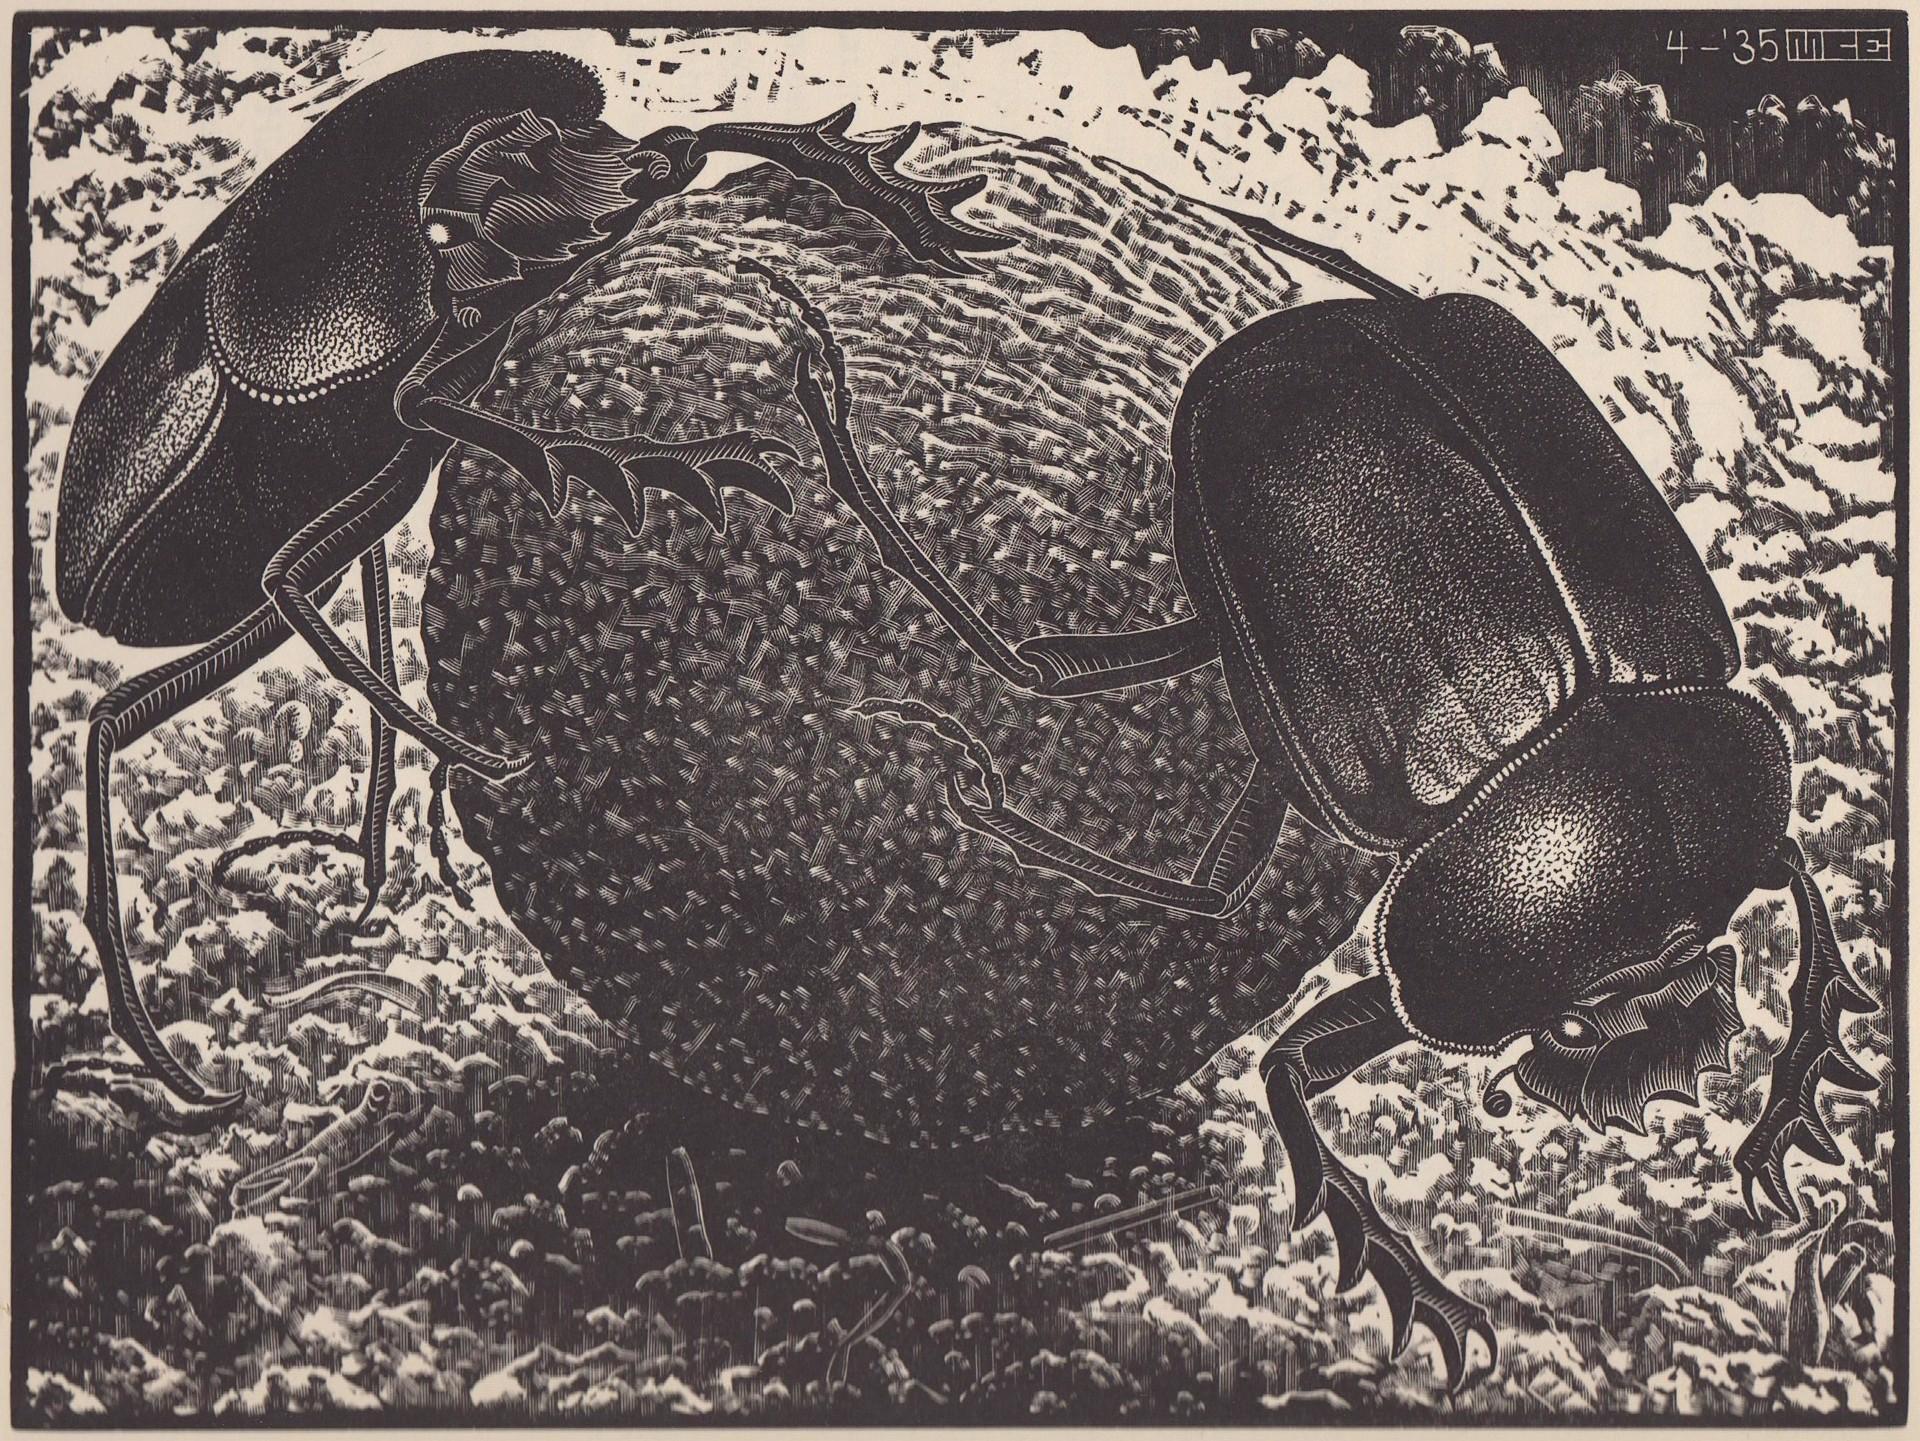 Scarabs by M.C. Escher